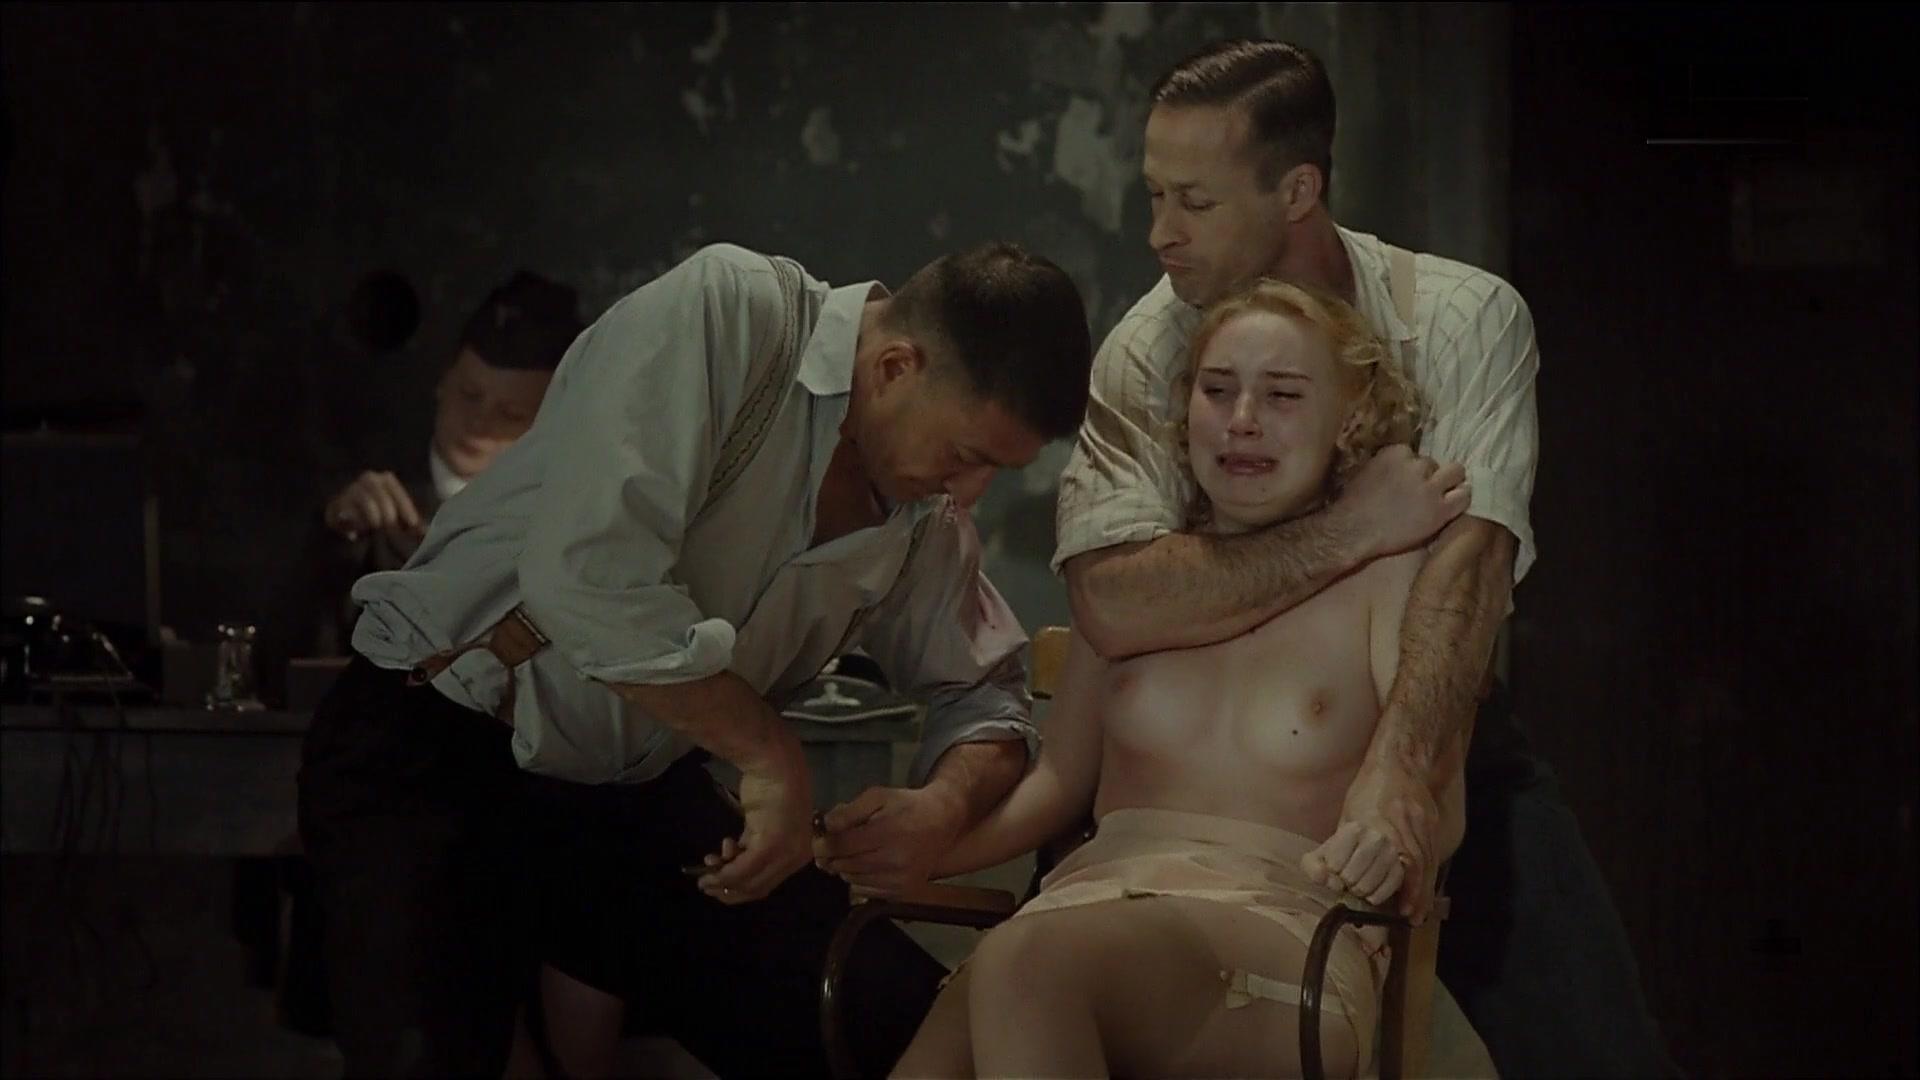 Deborah francois undress in my queen karo 2009 9